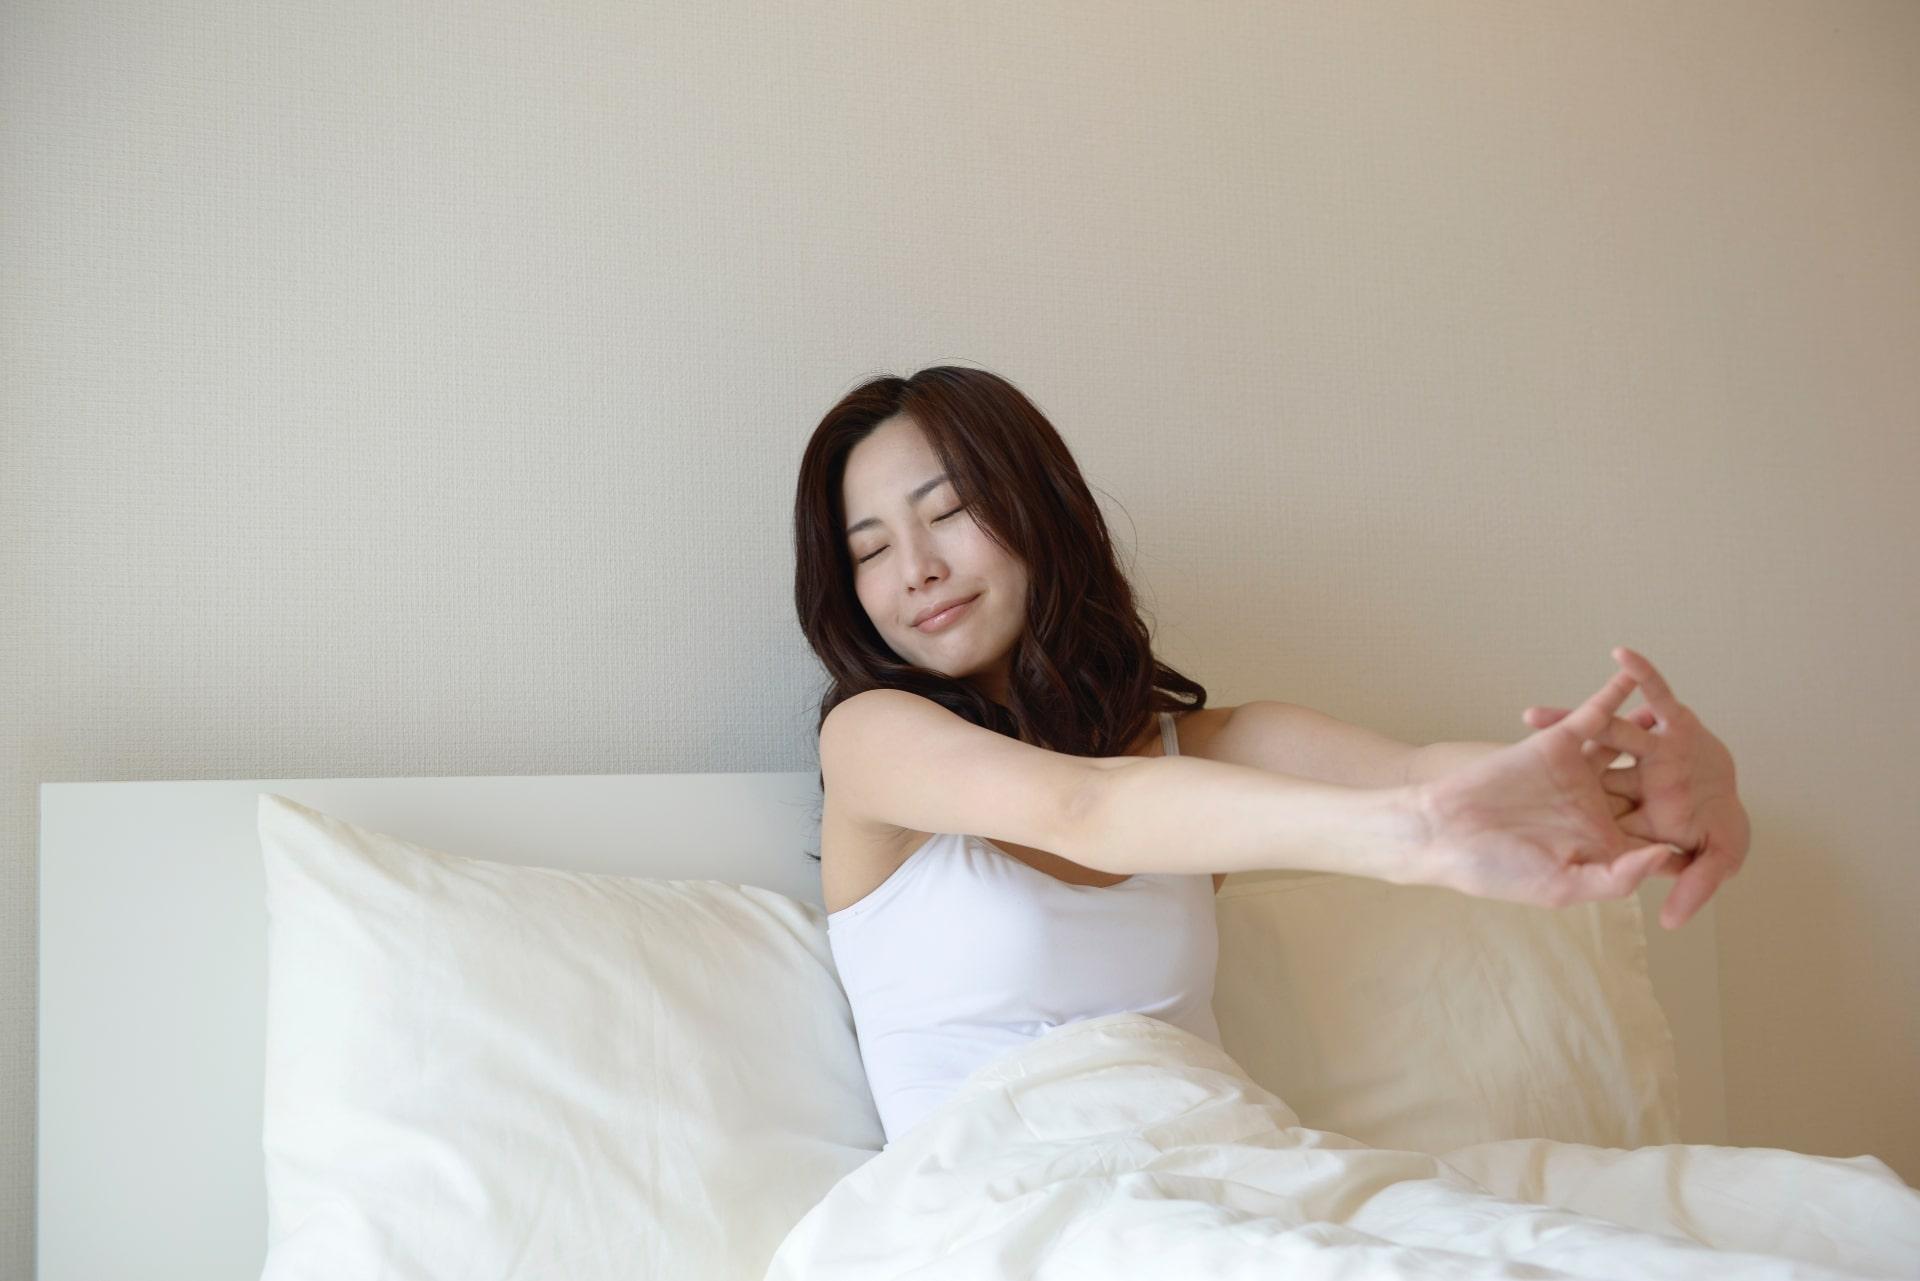 【産後の体力回復】産後0か月・産褥期の体力回復のポイント